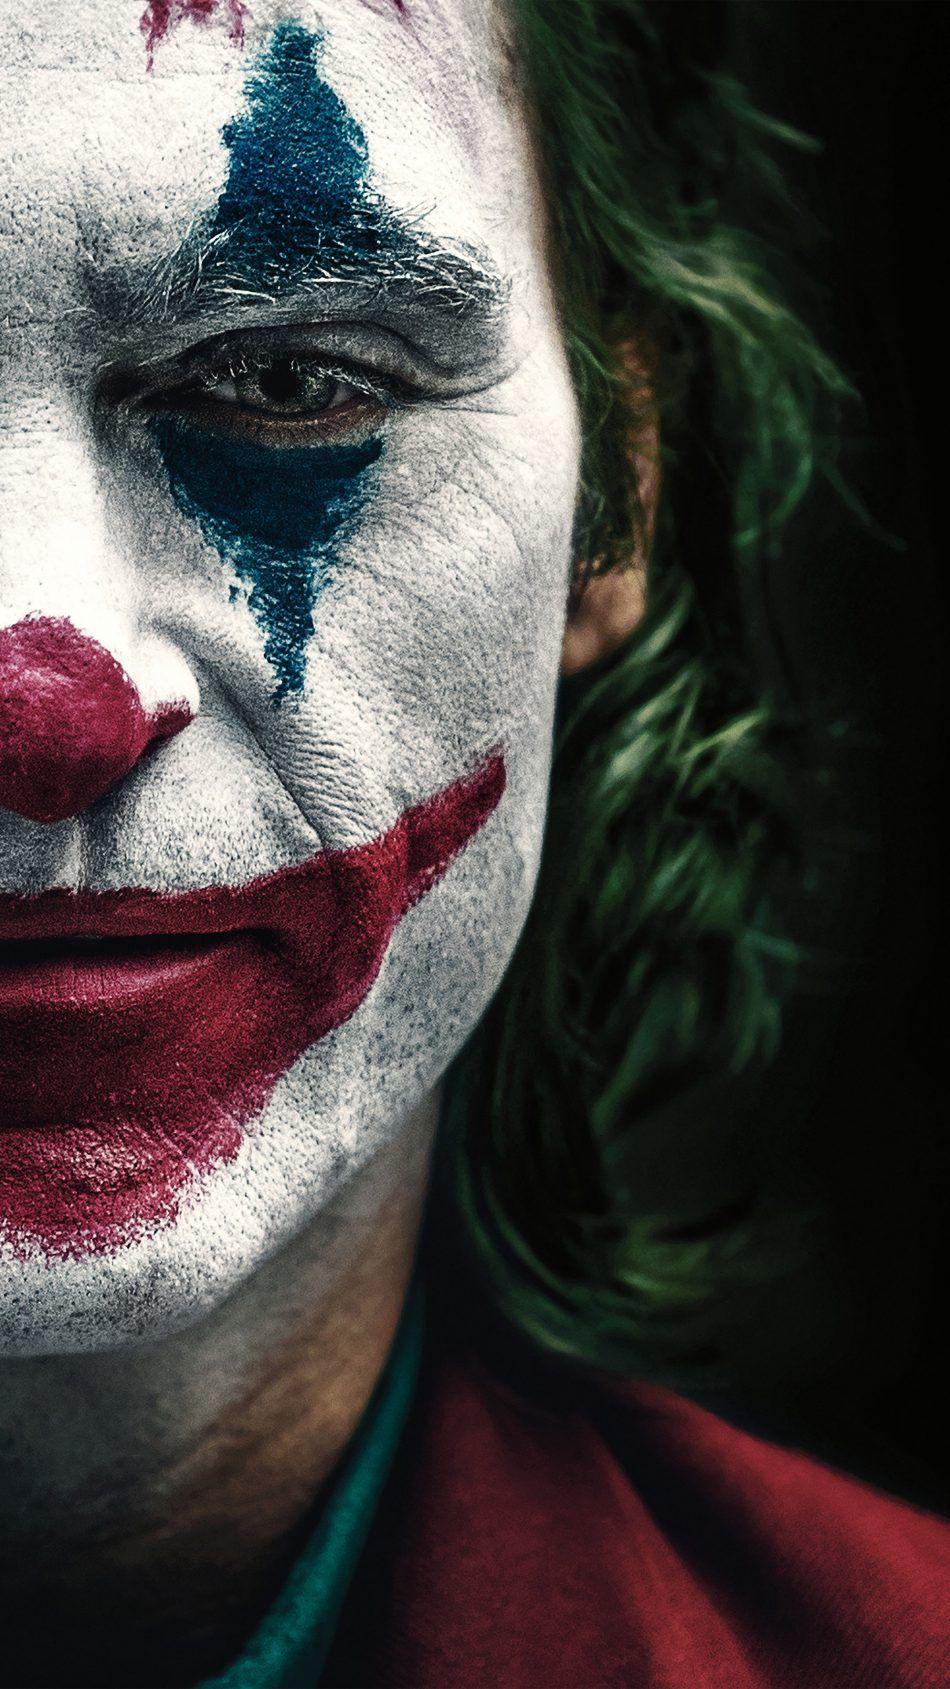 Joaquin Phoenix In And As Joker 2019 4k Ultra Hd Mobile Wallpaper Joker Full Movie Joker Images Joker Film